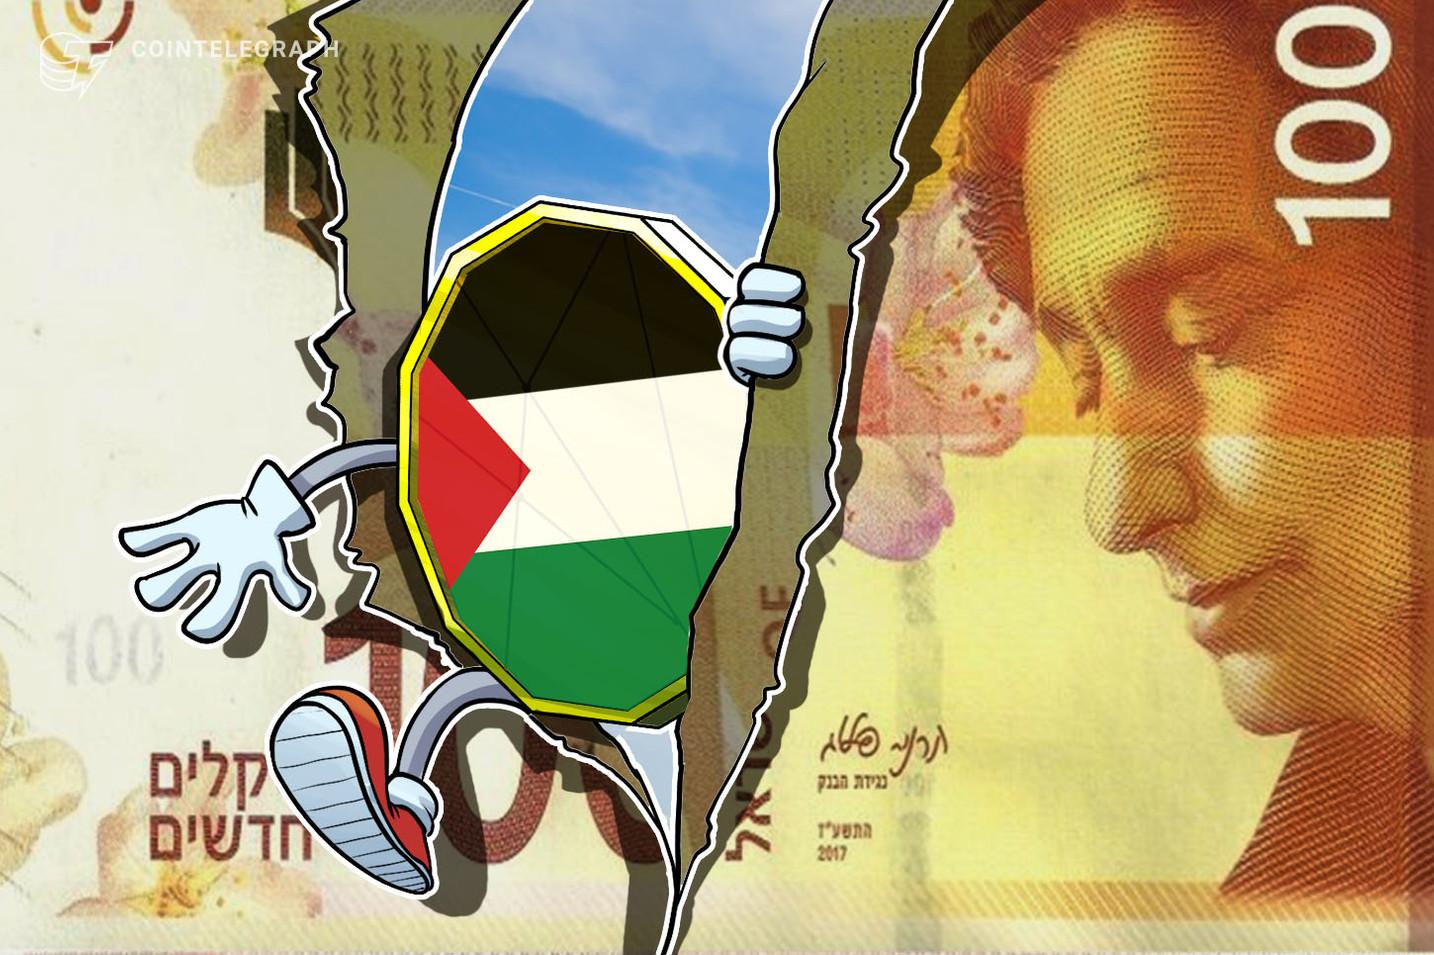 Palästina erwägt eigene Kryptowährung als Alternative zum israelischen Shekel